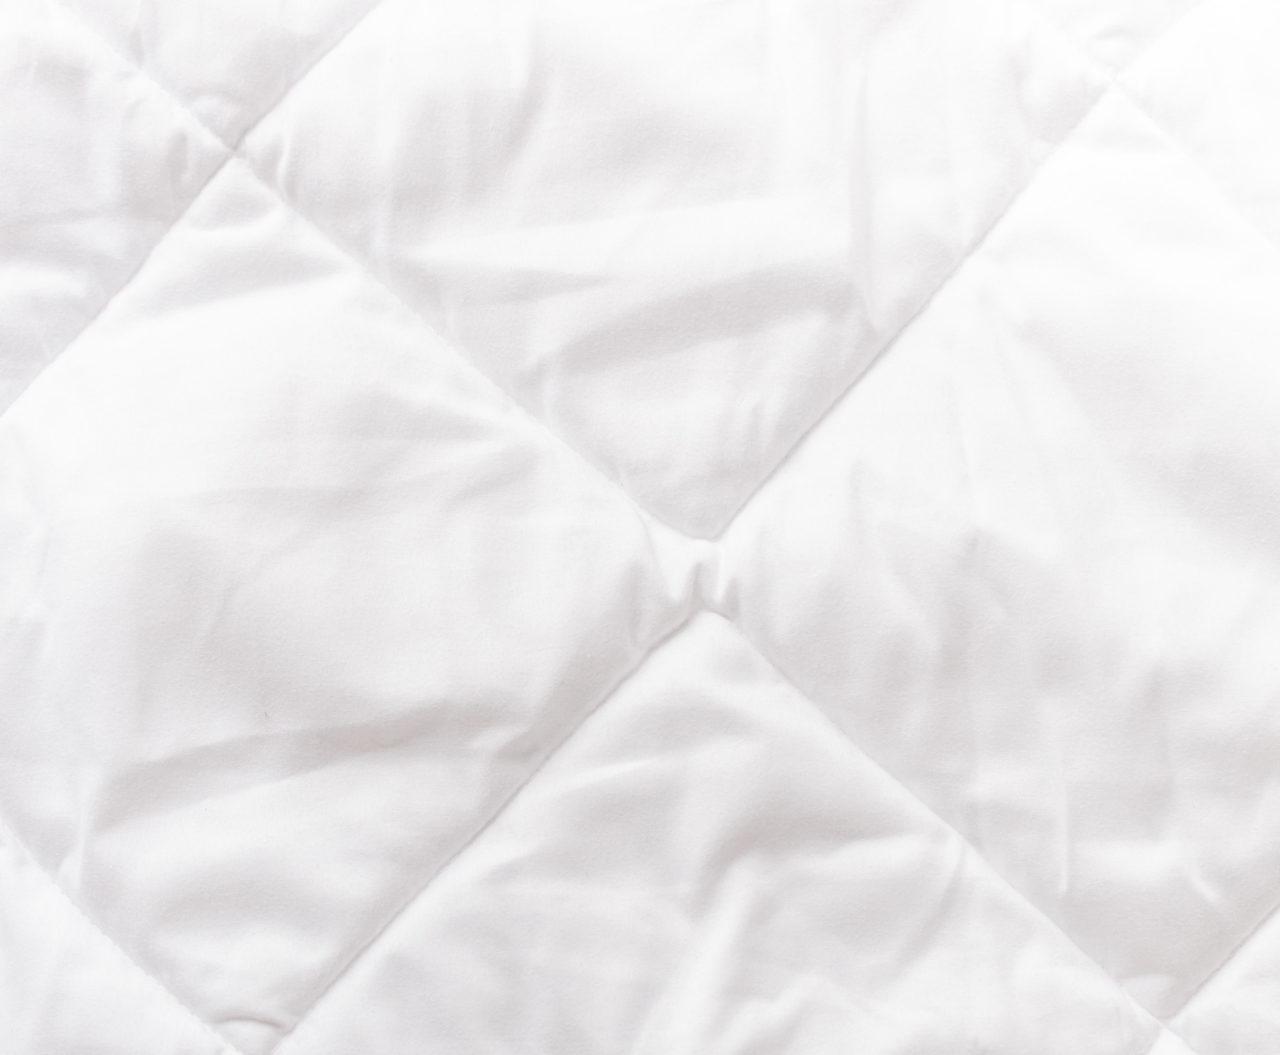 Whitecloudz-Premium Daunendecken